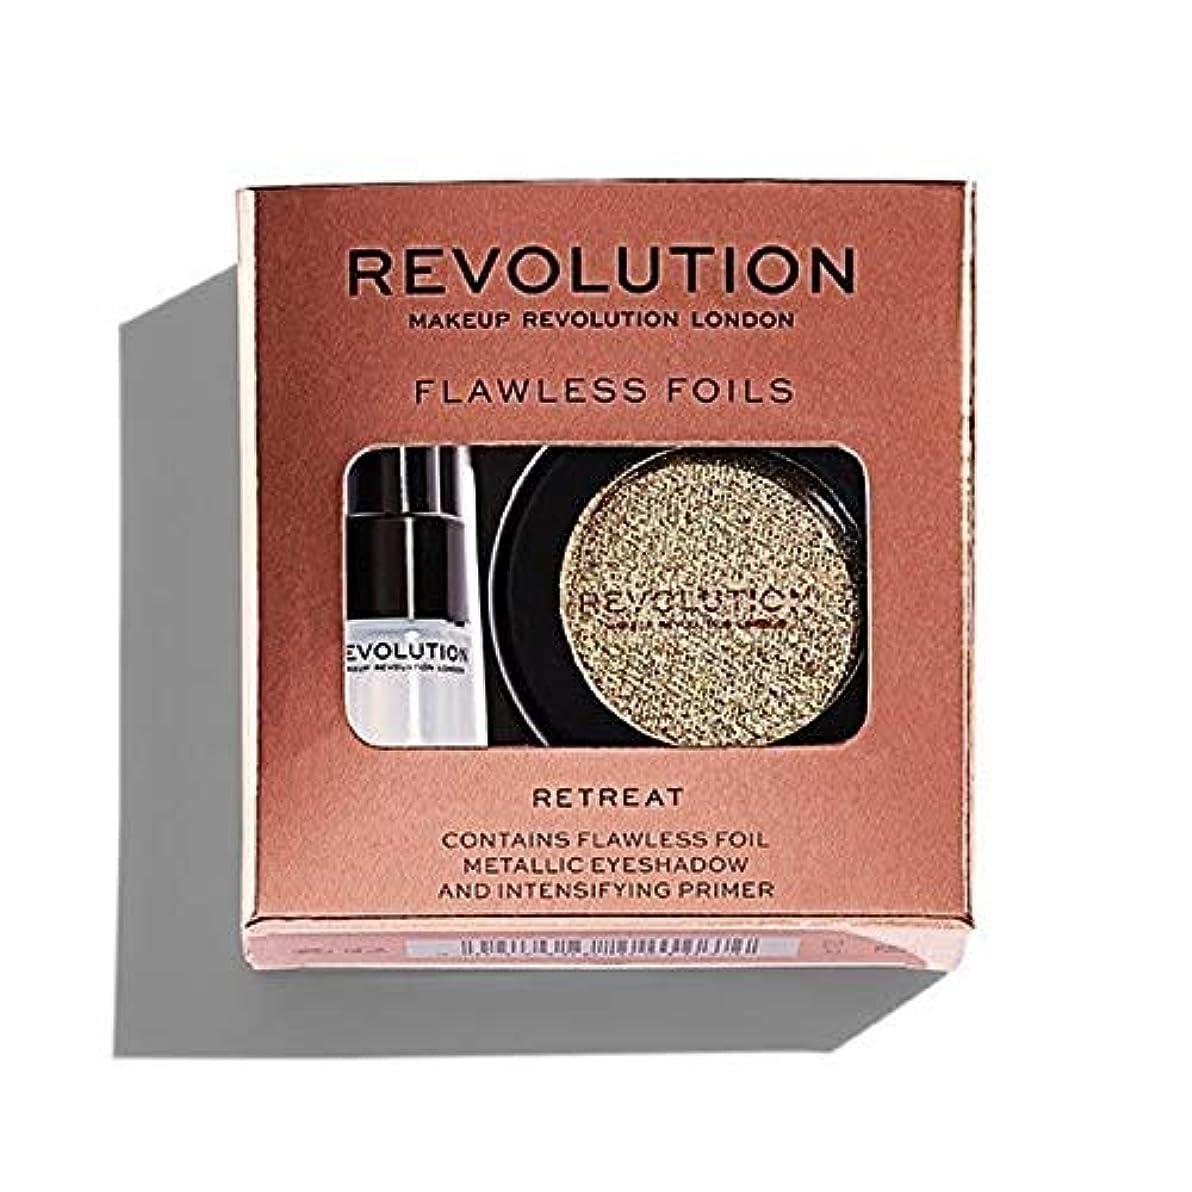 風刺チャップビット[Revolution ] 革命完璧な箔の隠れ家 - Revolution Flawless Foils Retreat [並行輸入品]